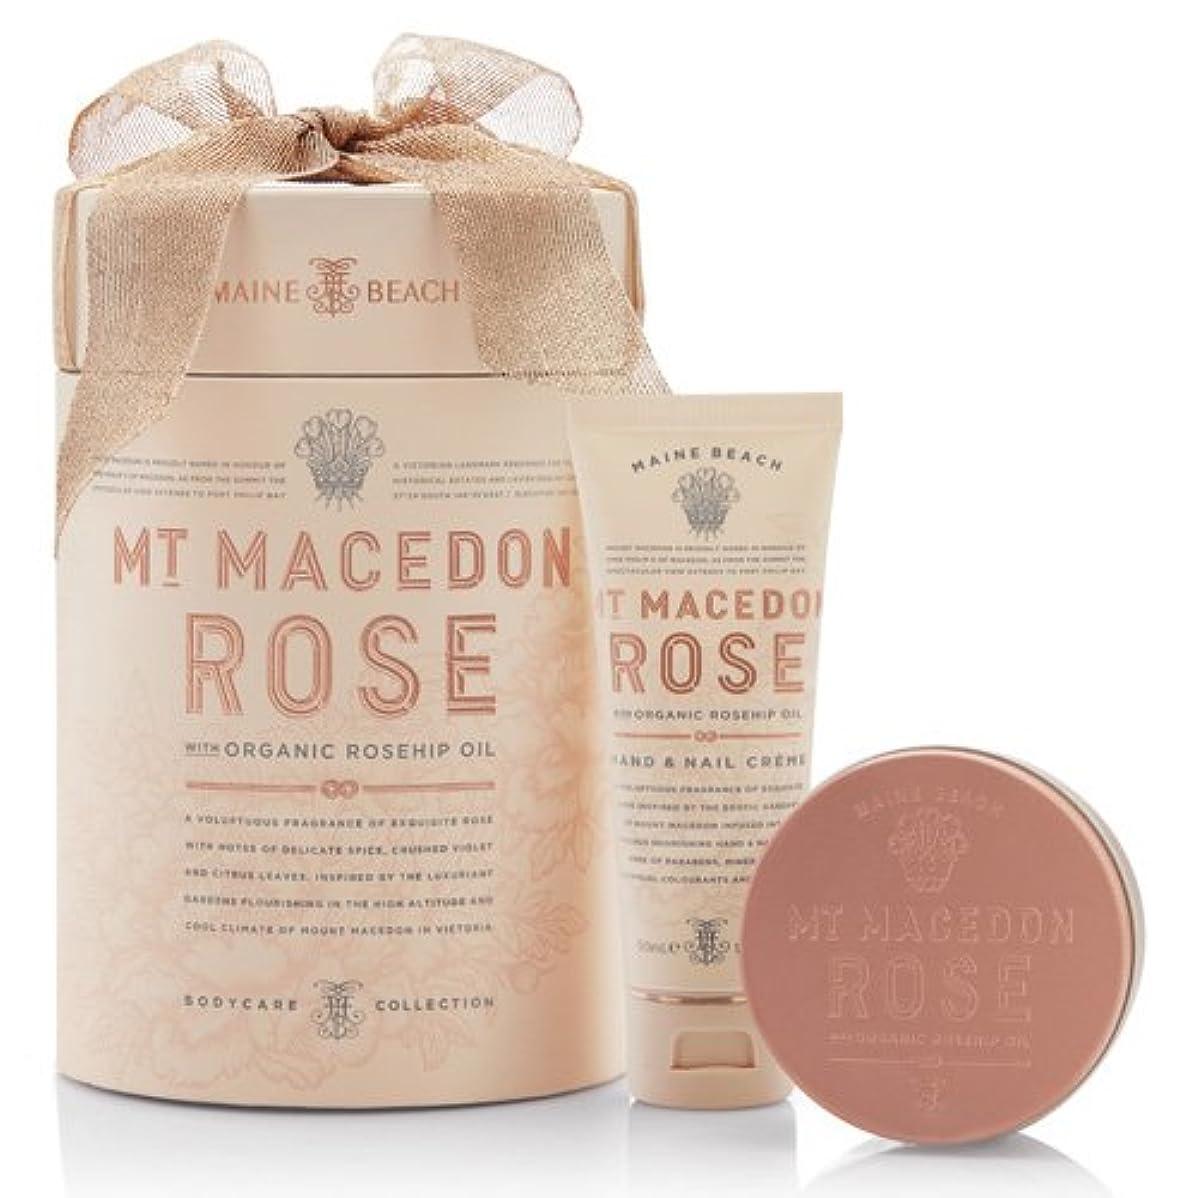 チート冒険家倍率MAINE BEACH マインビーチ MT MACEDON ROSE マウント マセドン ローズ Duo Gift Pack